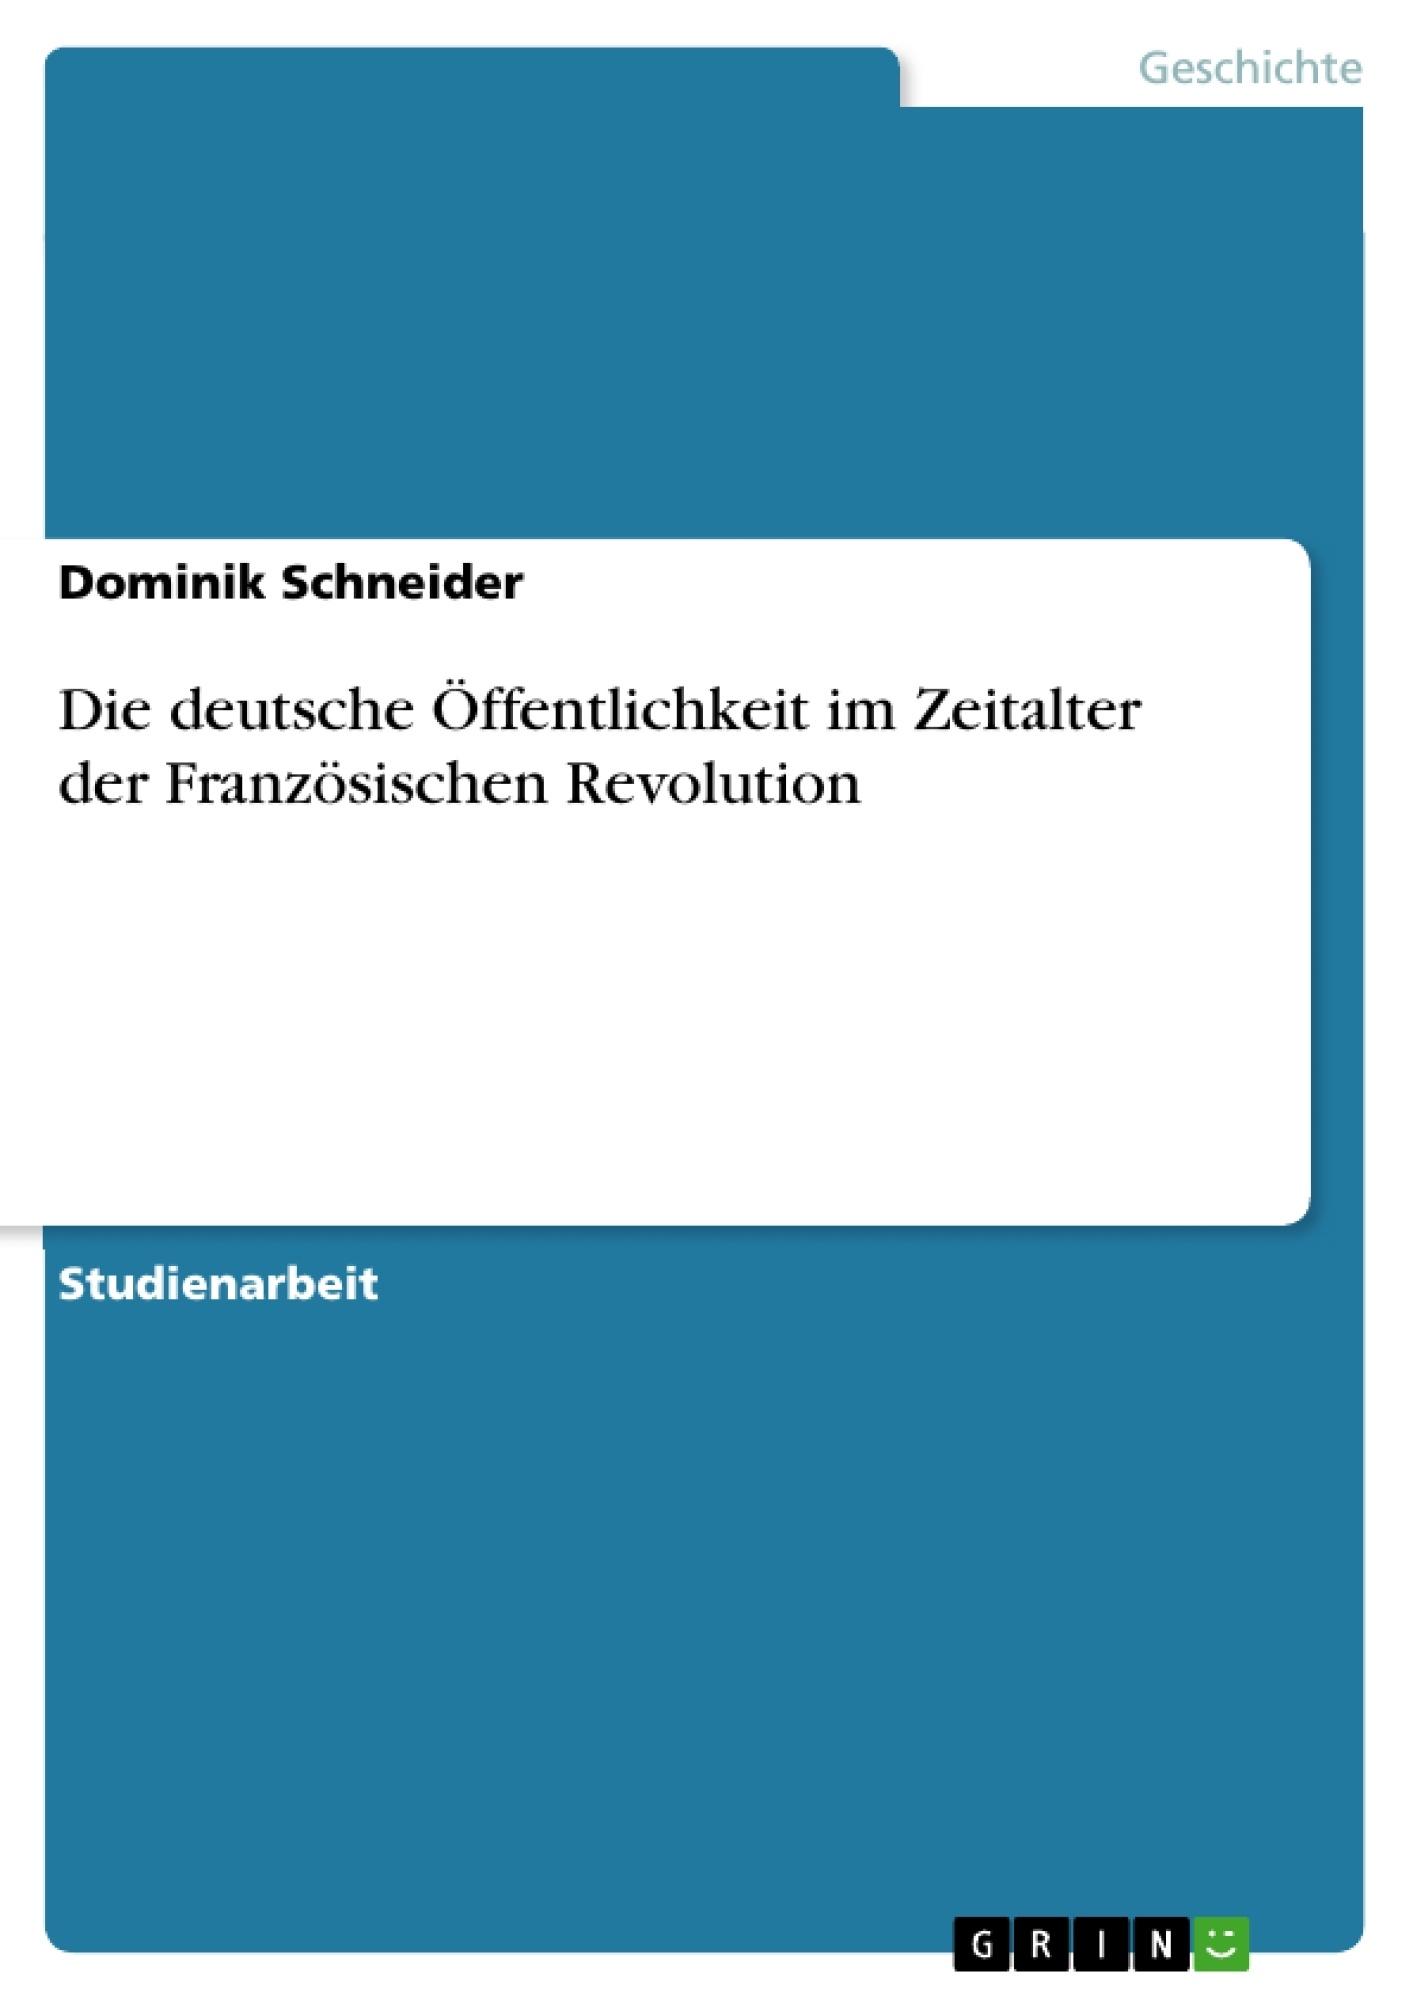 Titel: Die deutsche Öffentlichkeit im Zeitalter der Französischen Revolution